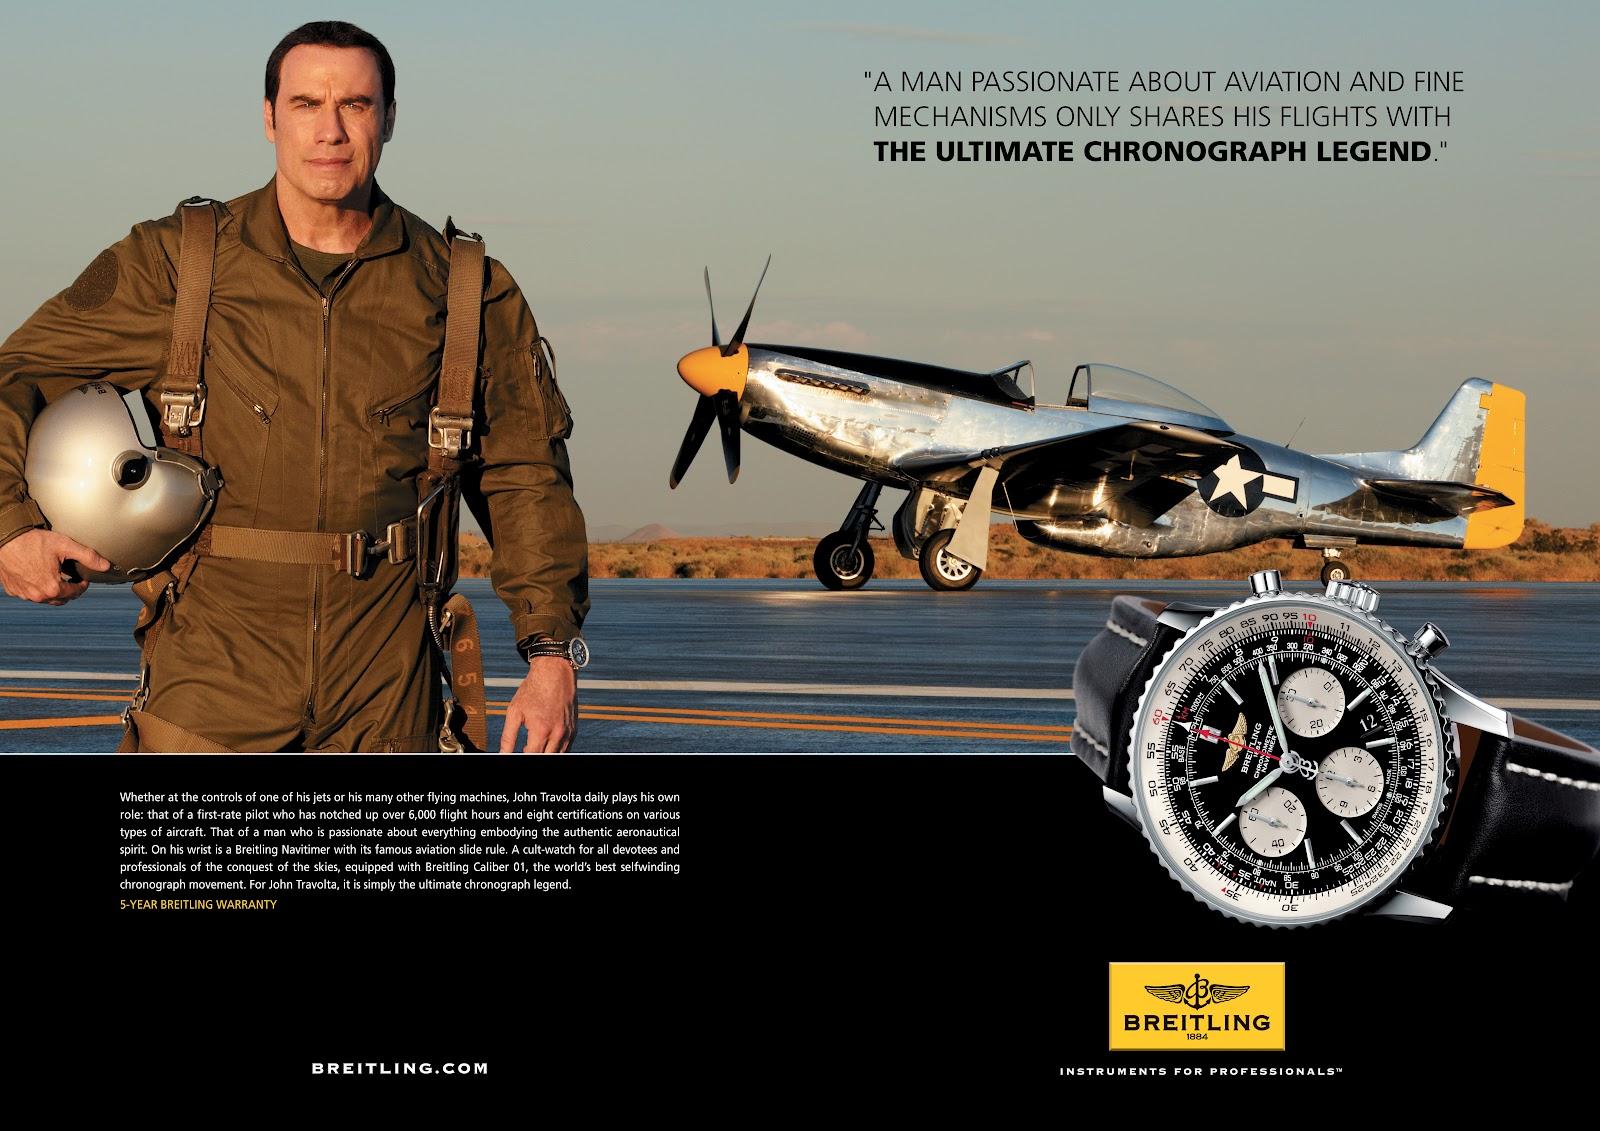 John travolta y breitling prosiguen su vuelo en com n for John travolta breitling